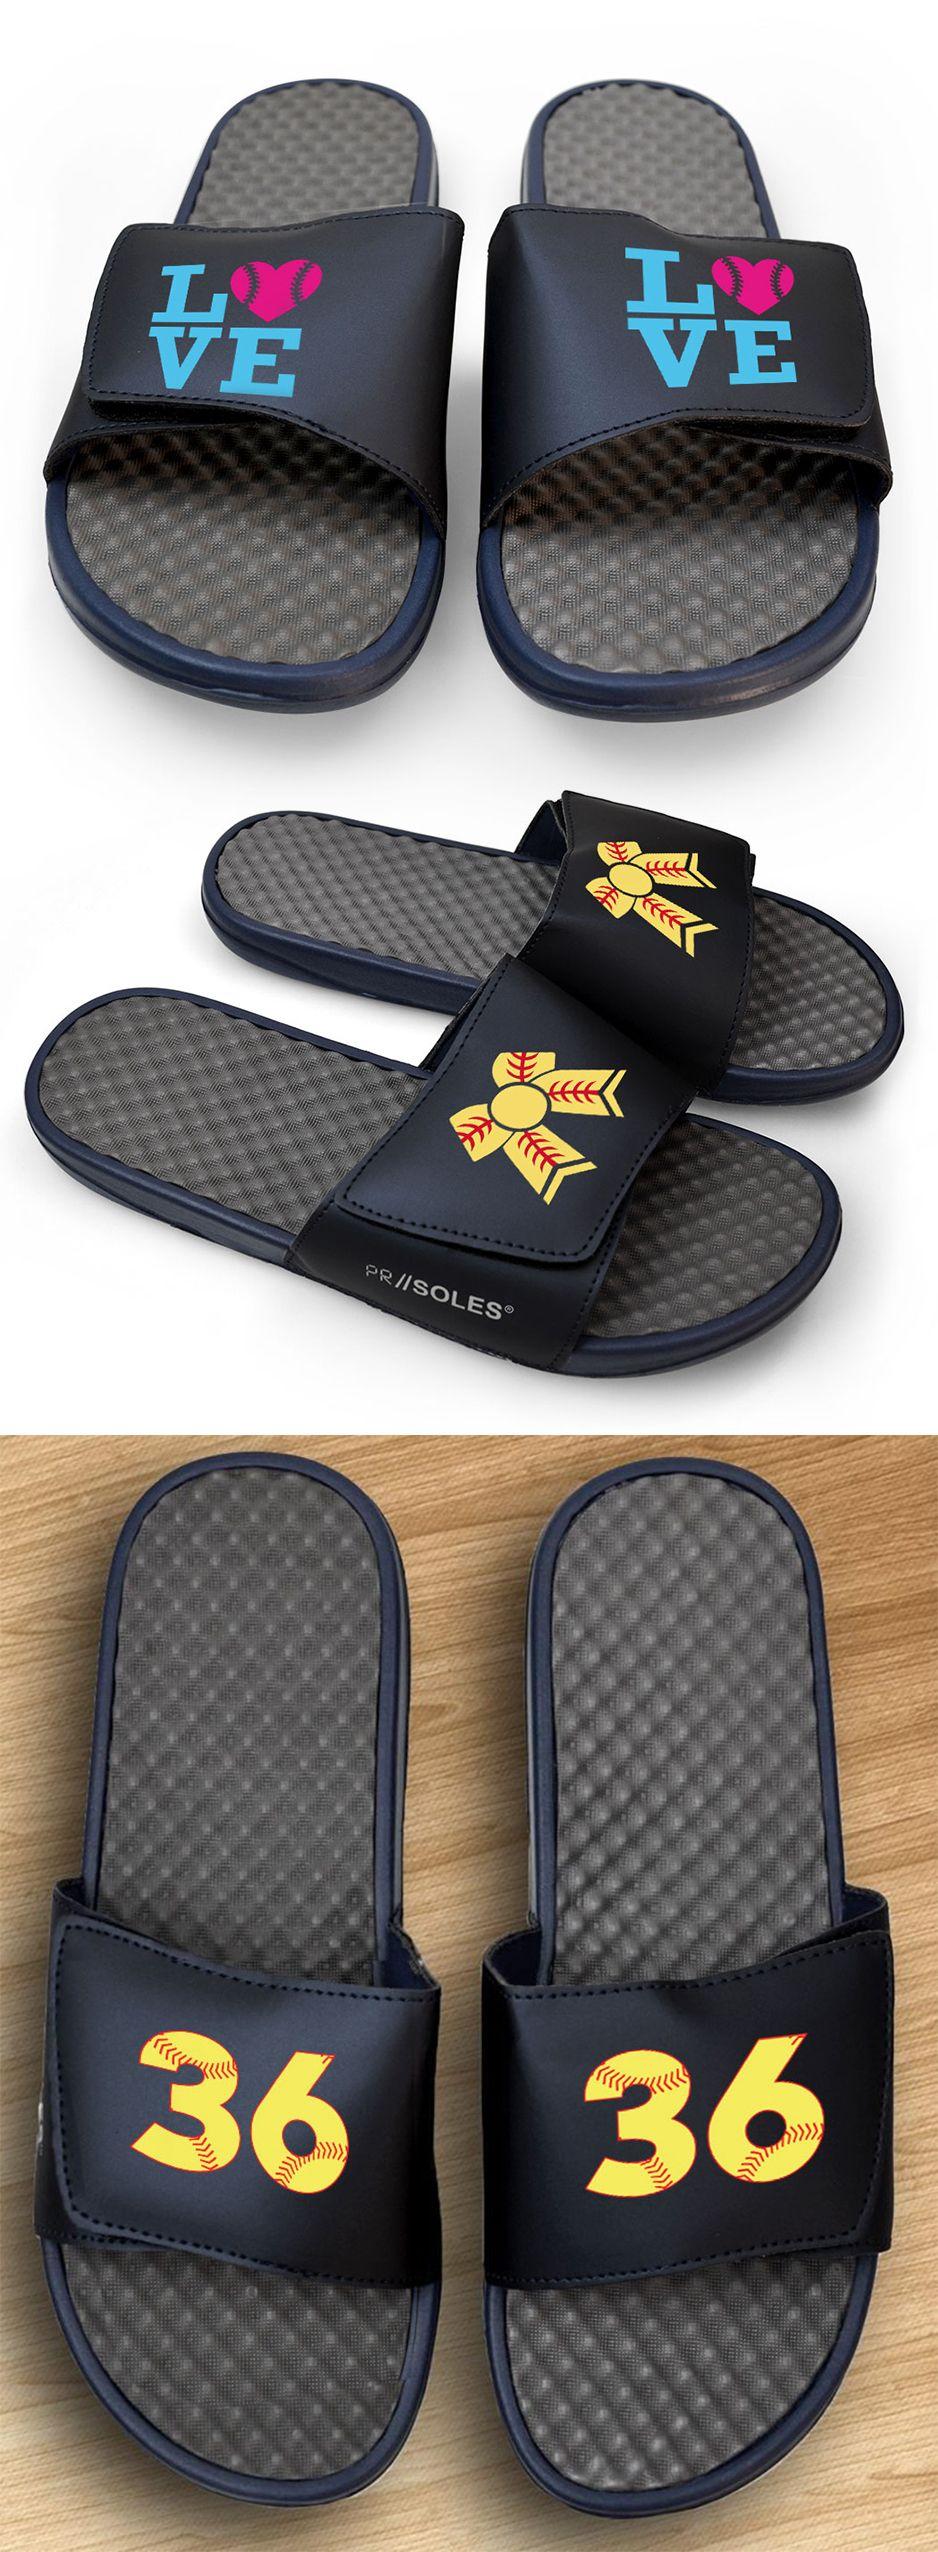 Navy slide sandals for your softball